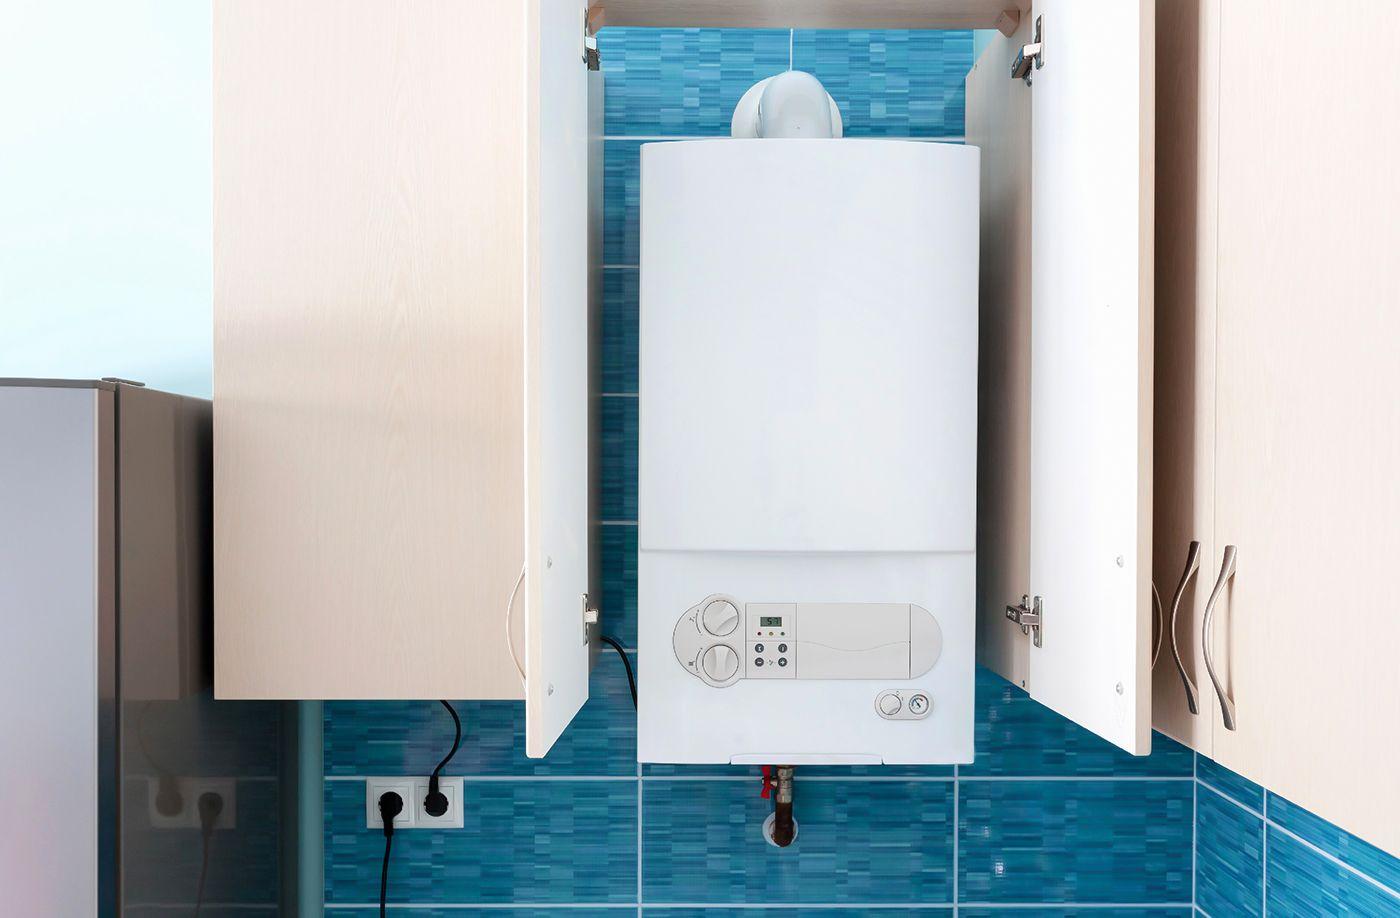 Газовый настенный котел на кухне частного дома